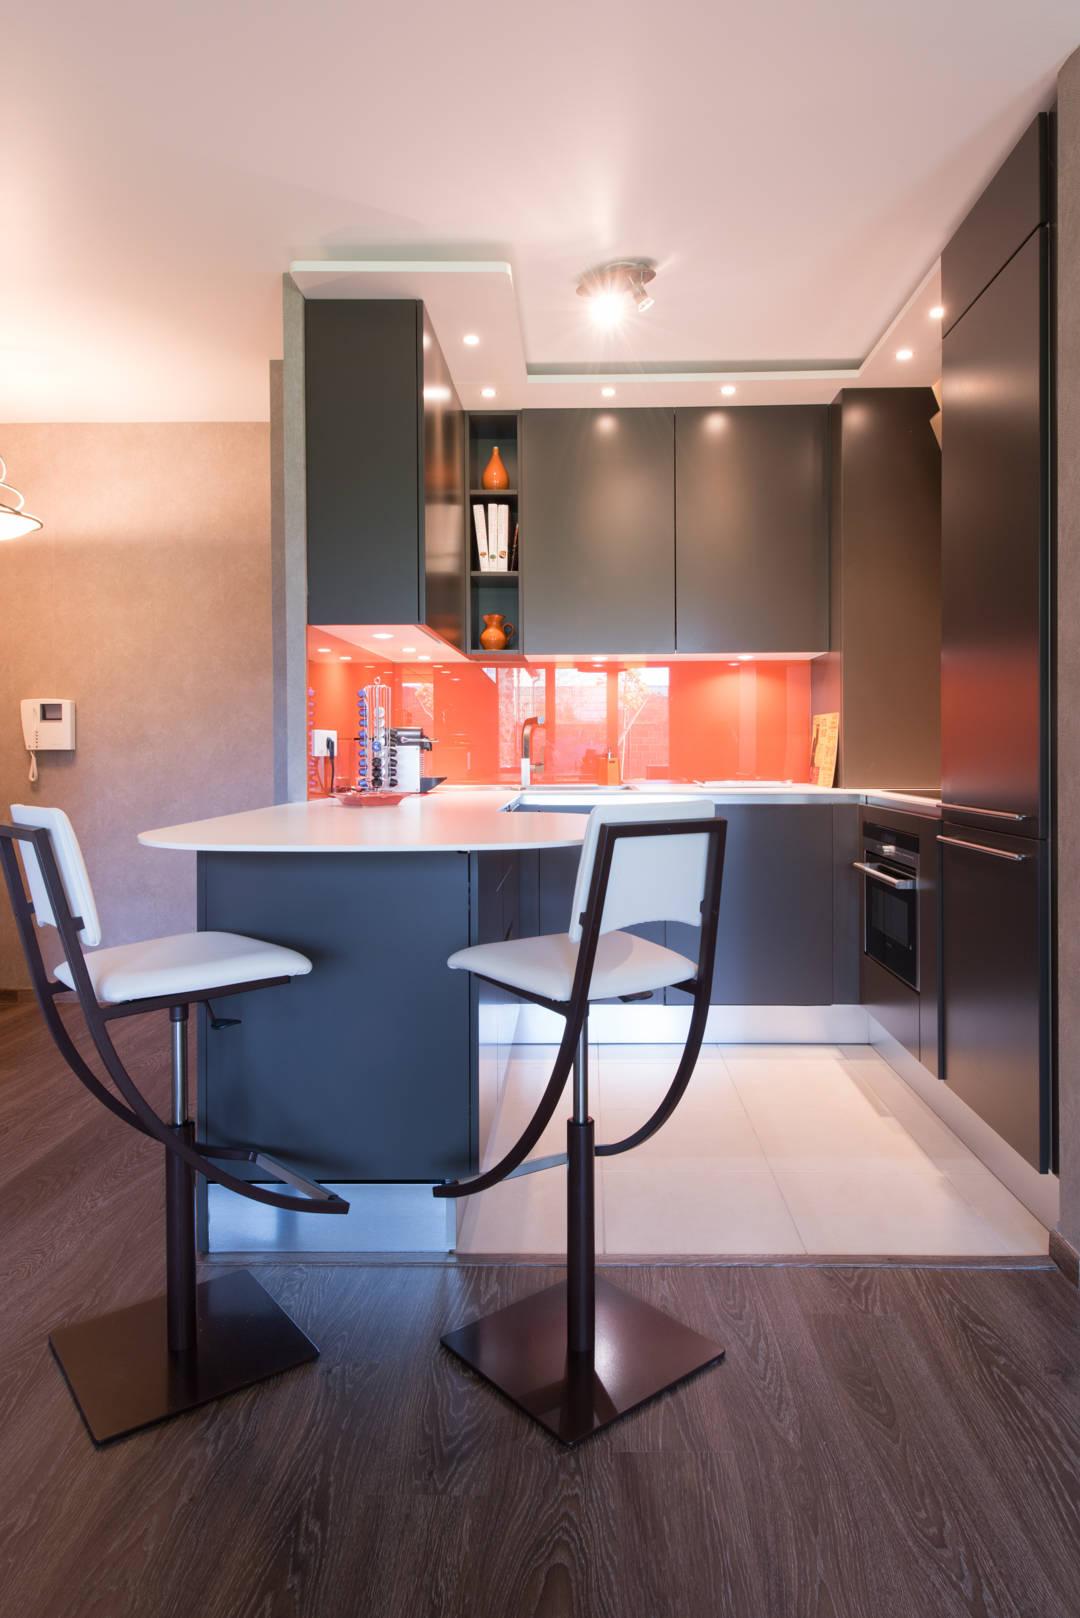 cuisine orange laqu mod le sigma ouverte sur salon style chic et moderne de la cuisine dans. Black Bedroom Furniture Sets. Home Design Ideas